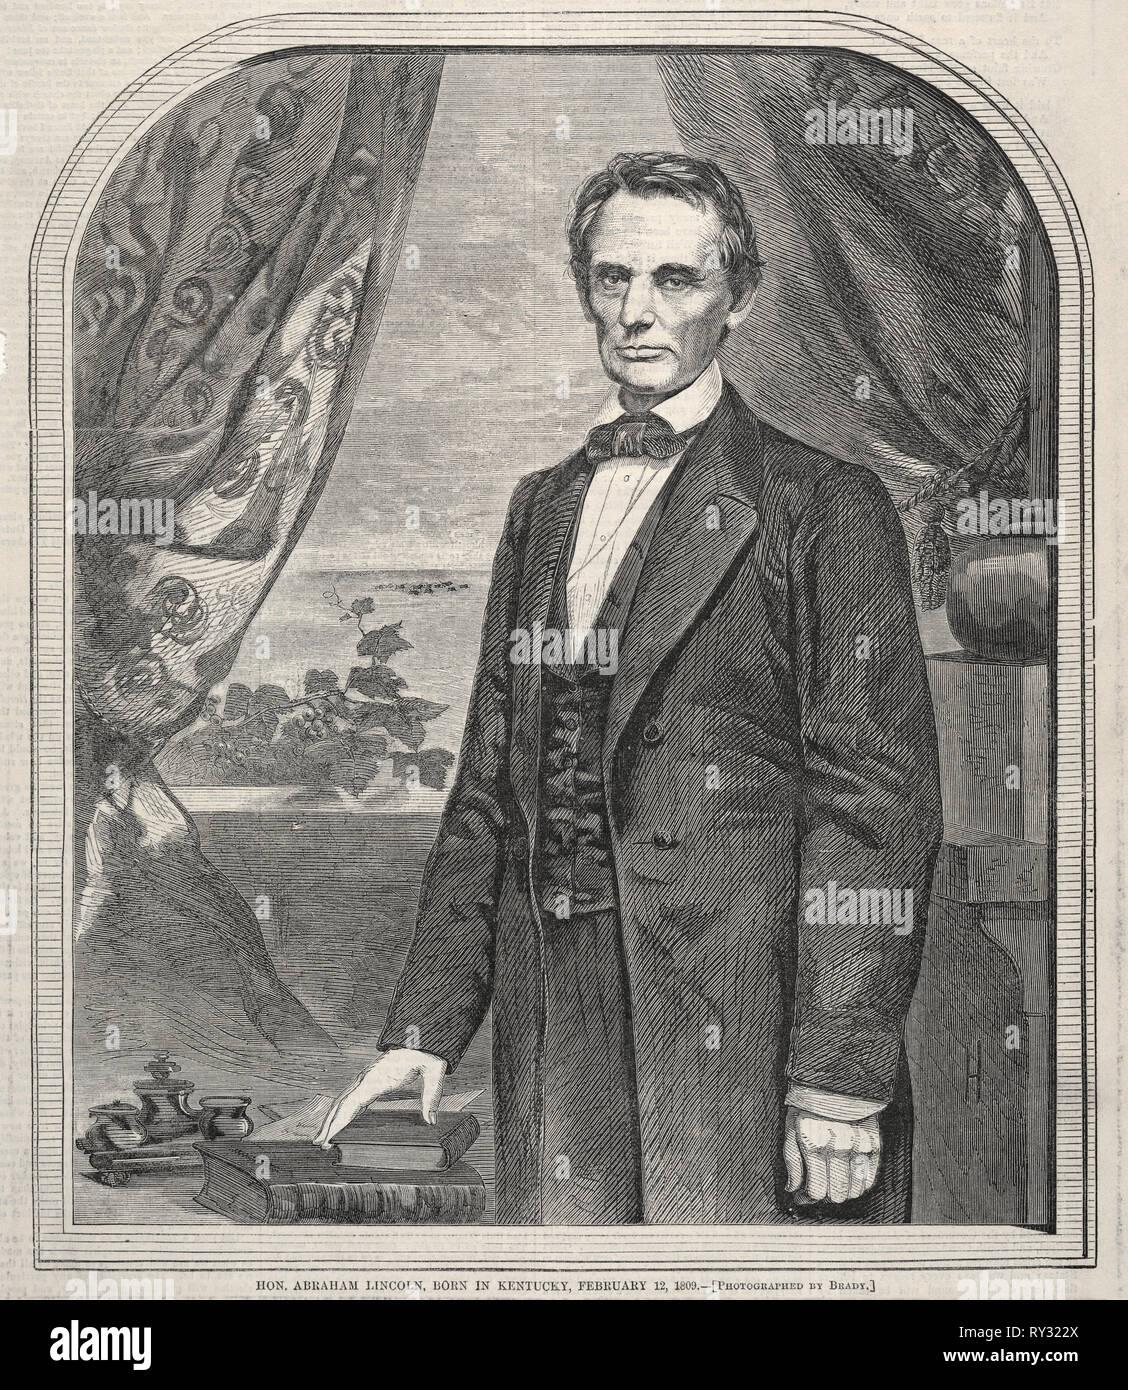 L'on. Abraham Lincoln, nato nel Kentucky, febbraio 12, 1809, 1860. Winslow Homer (American, 1836-1910). Incisione su legno Foto Stock